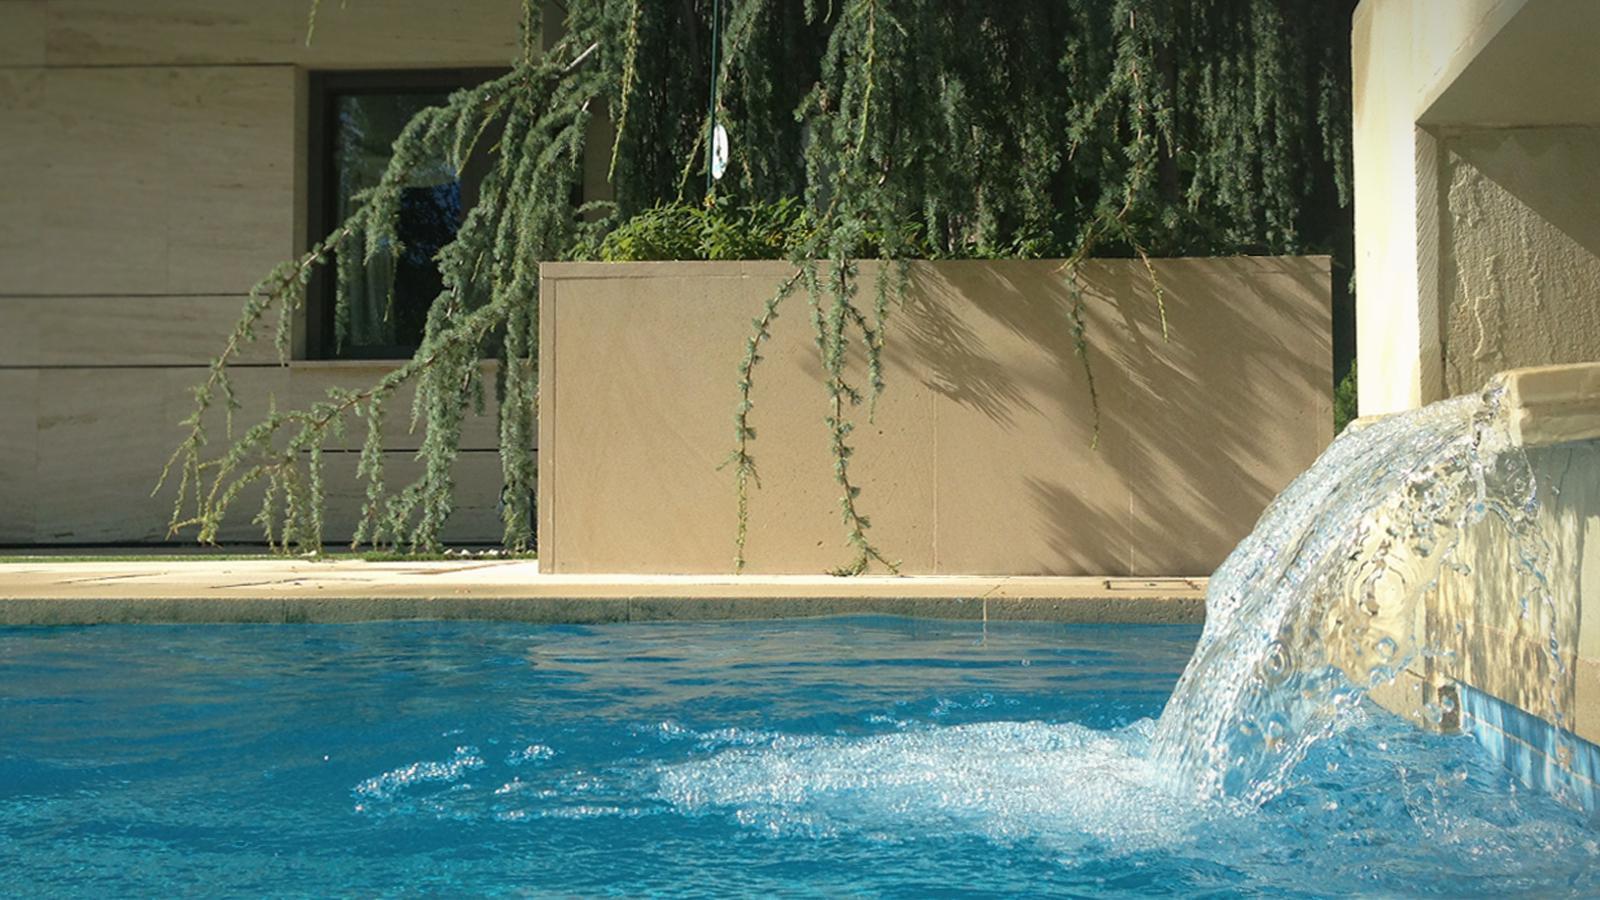 Piscina, Jardin Estilo moderno Color azul, azul oscuro  diseñado por UP PROYECTOS Y CONSTRUCCIONES | Gremio | Copyright UP PROYECTOS Y CONSTRUCCIONES